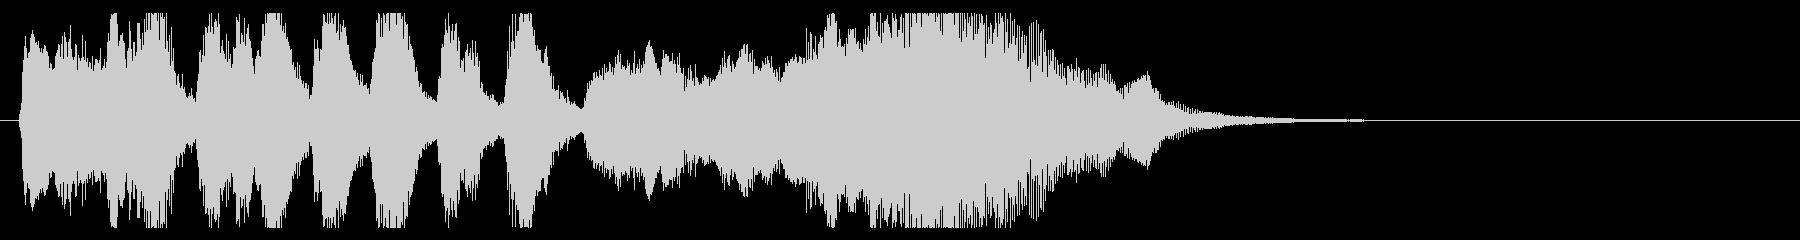 上品で可愛いジングル10aの未再生の波形